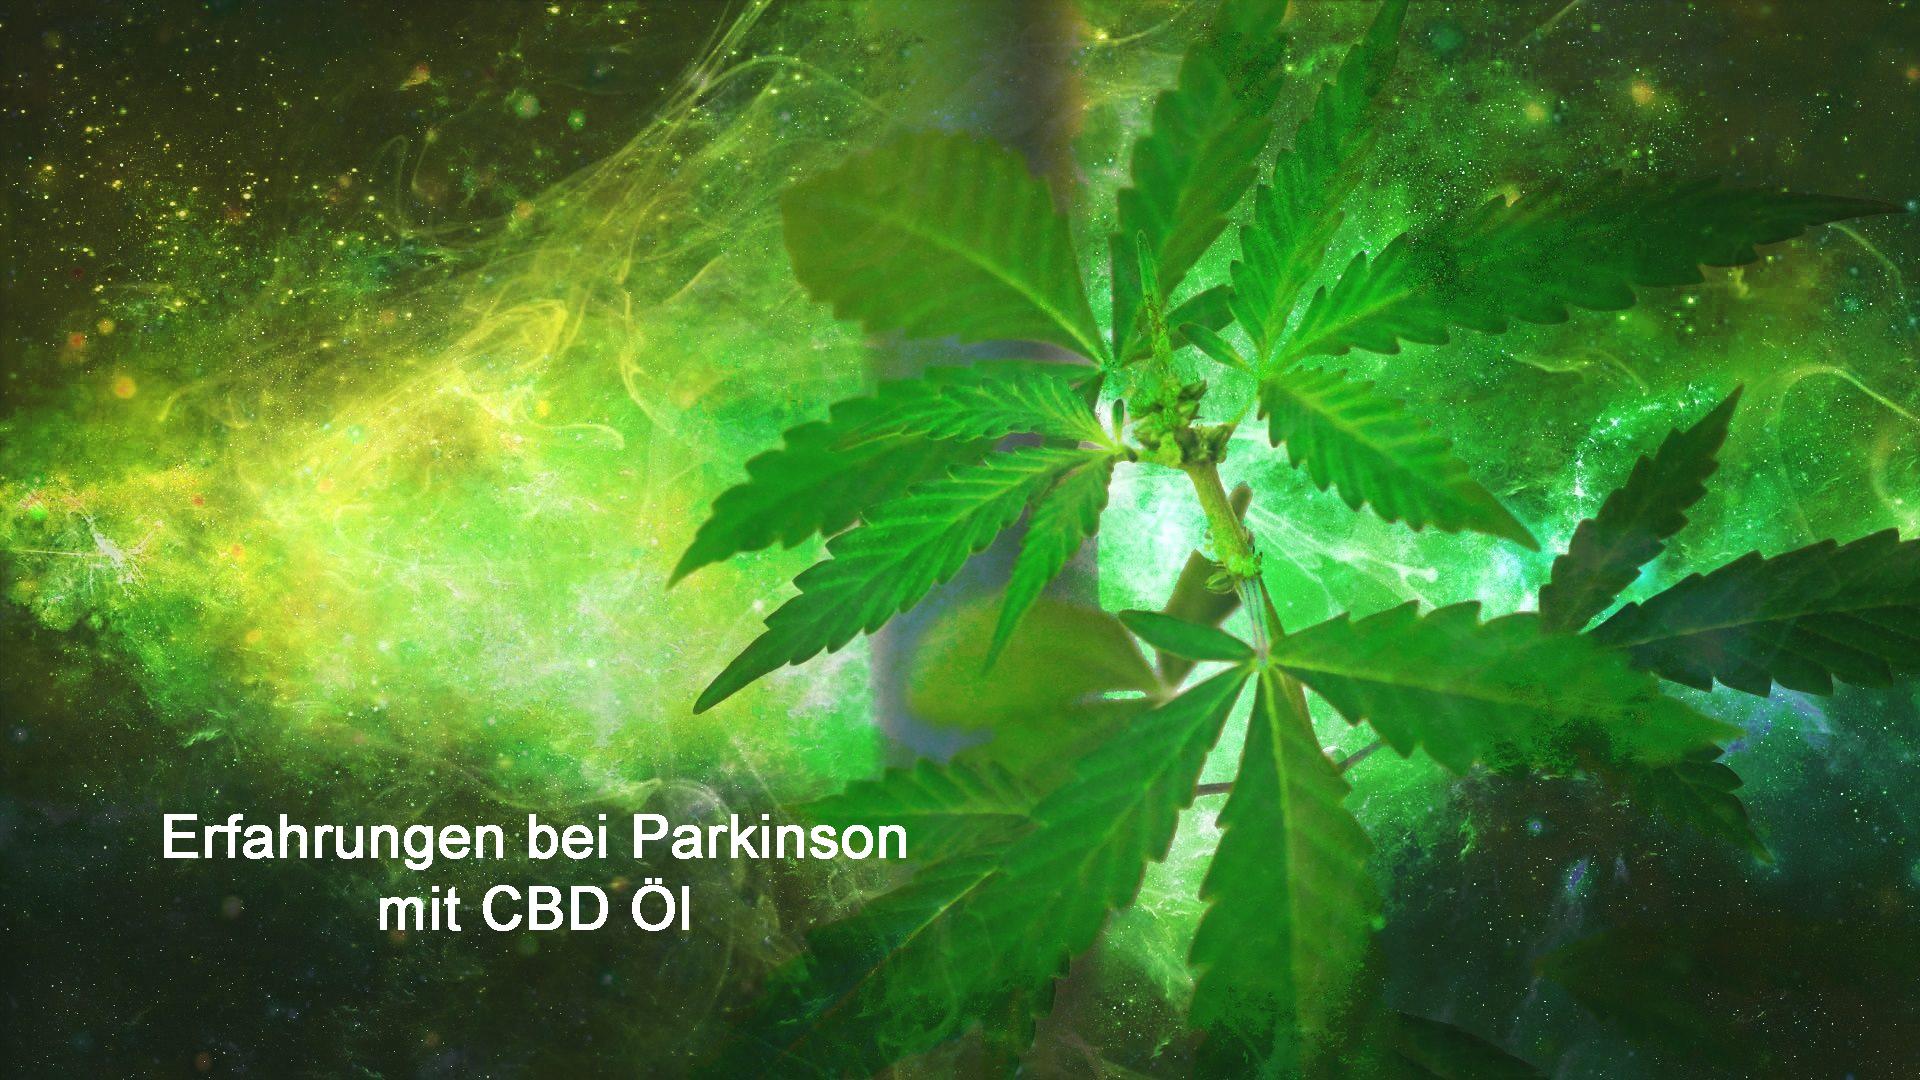 Erfahrungen mit CBD Öl bei Parkinson